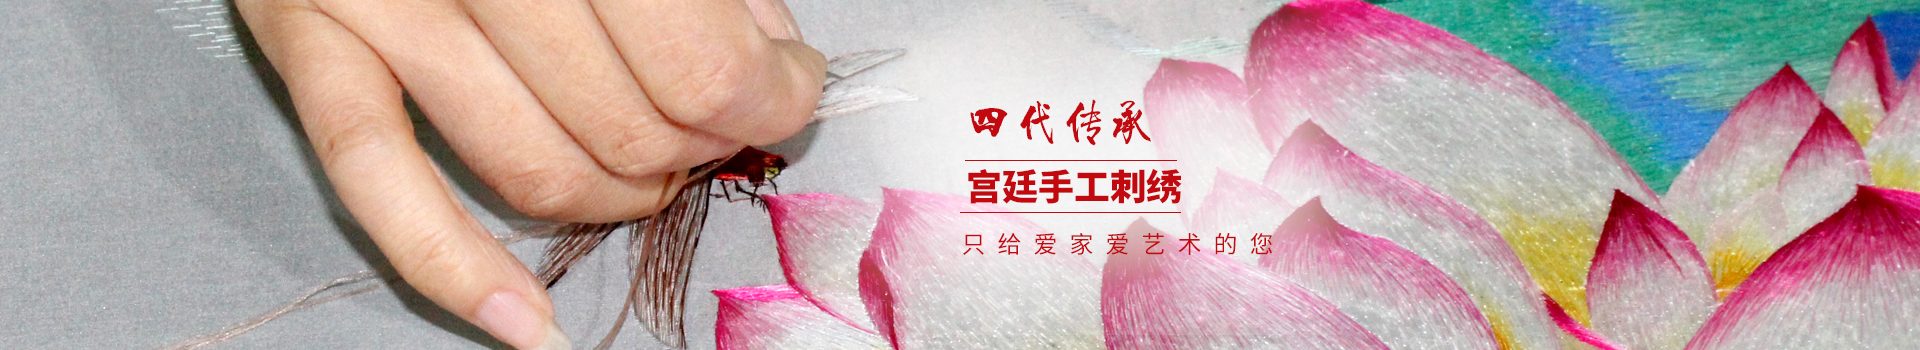 四代传承 宫廷手工刺绣